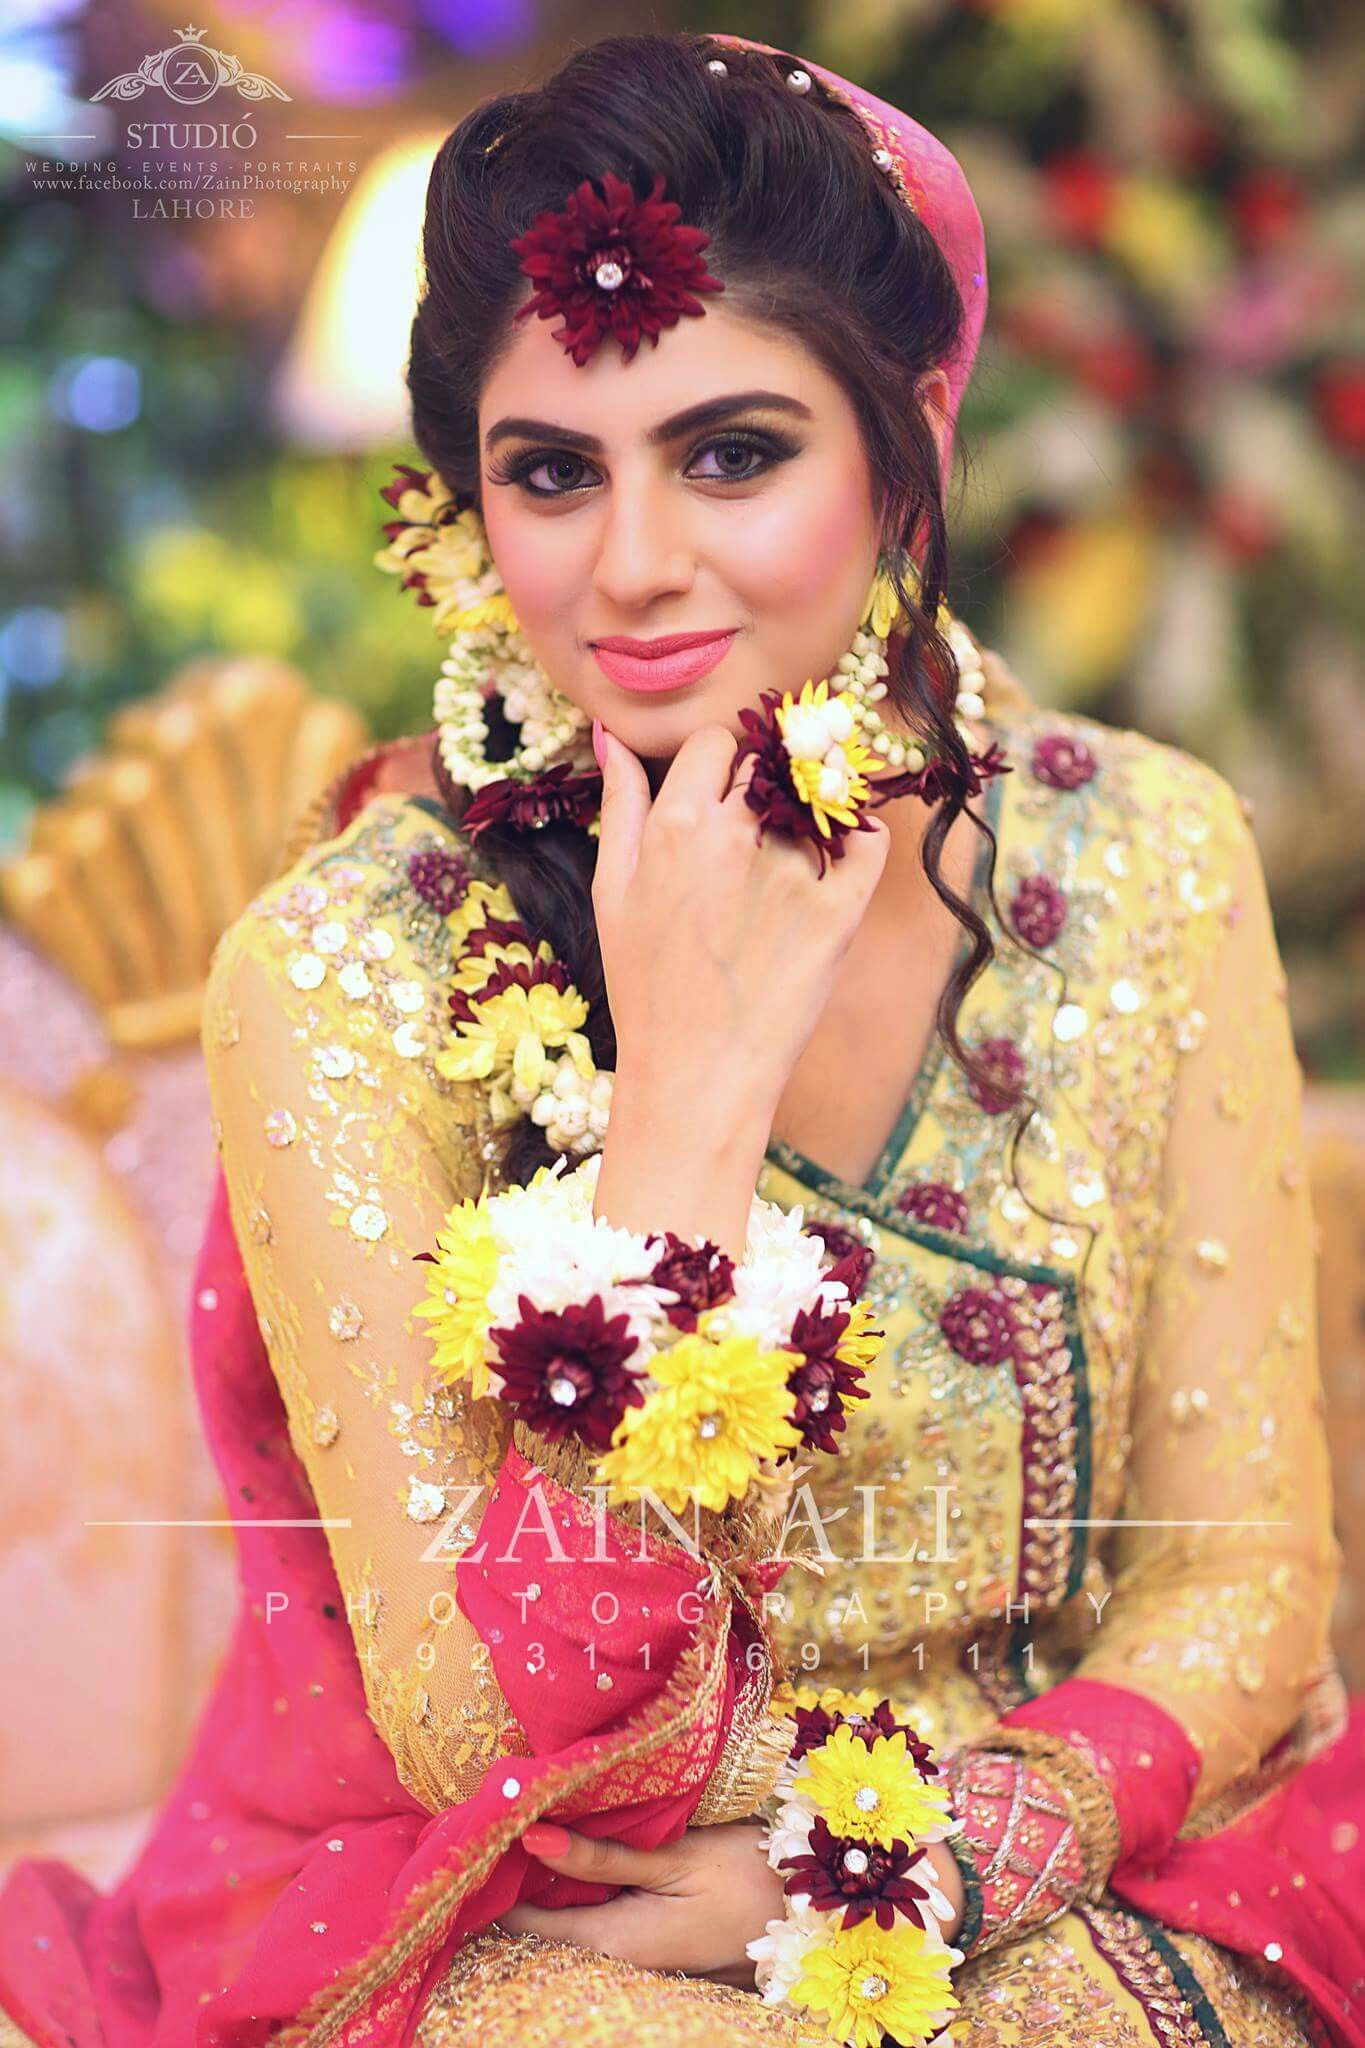 Mayoun dress Pakistani wedding, Bride